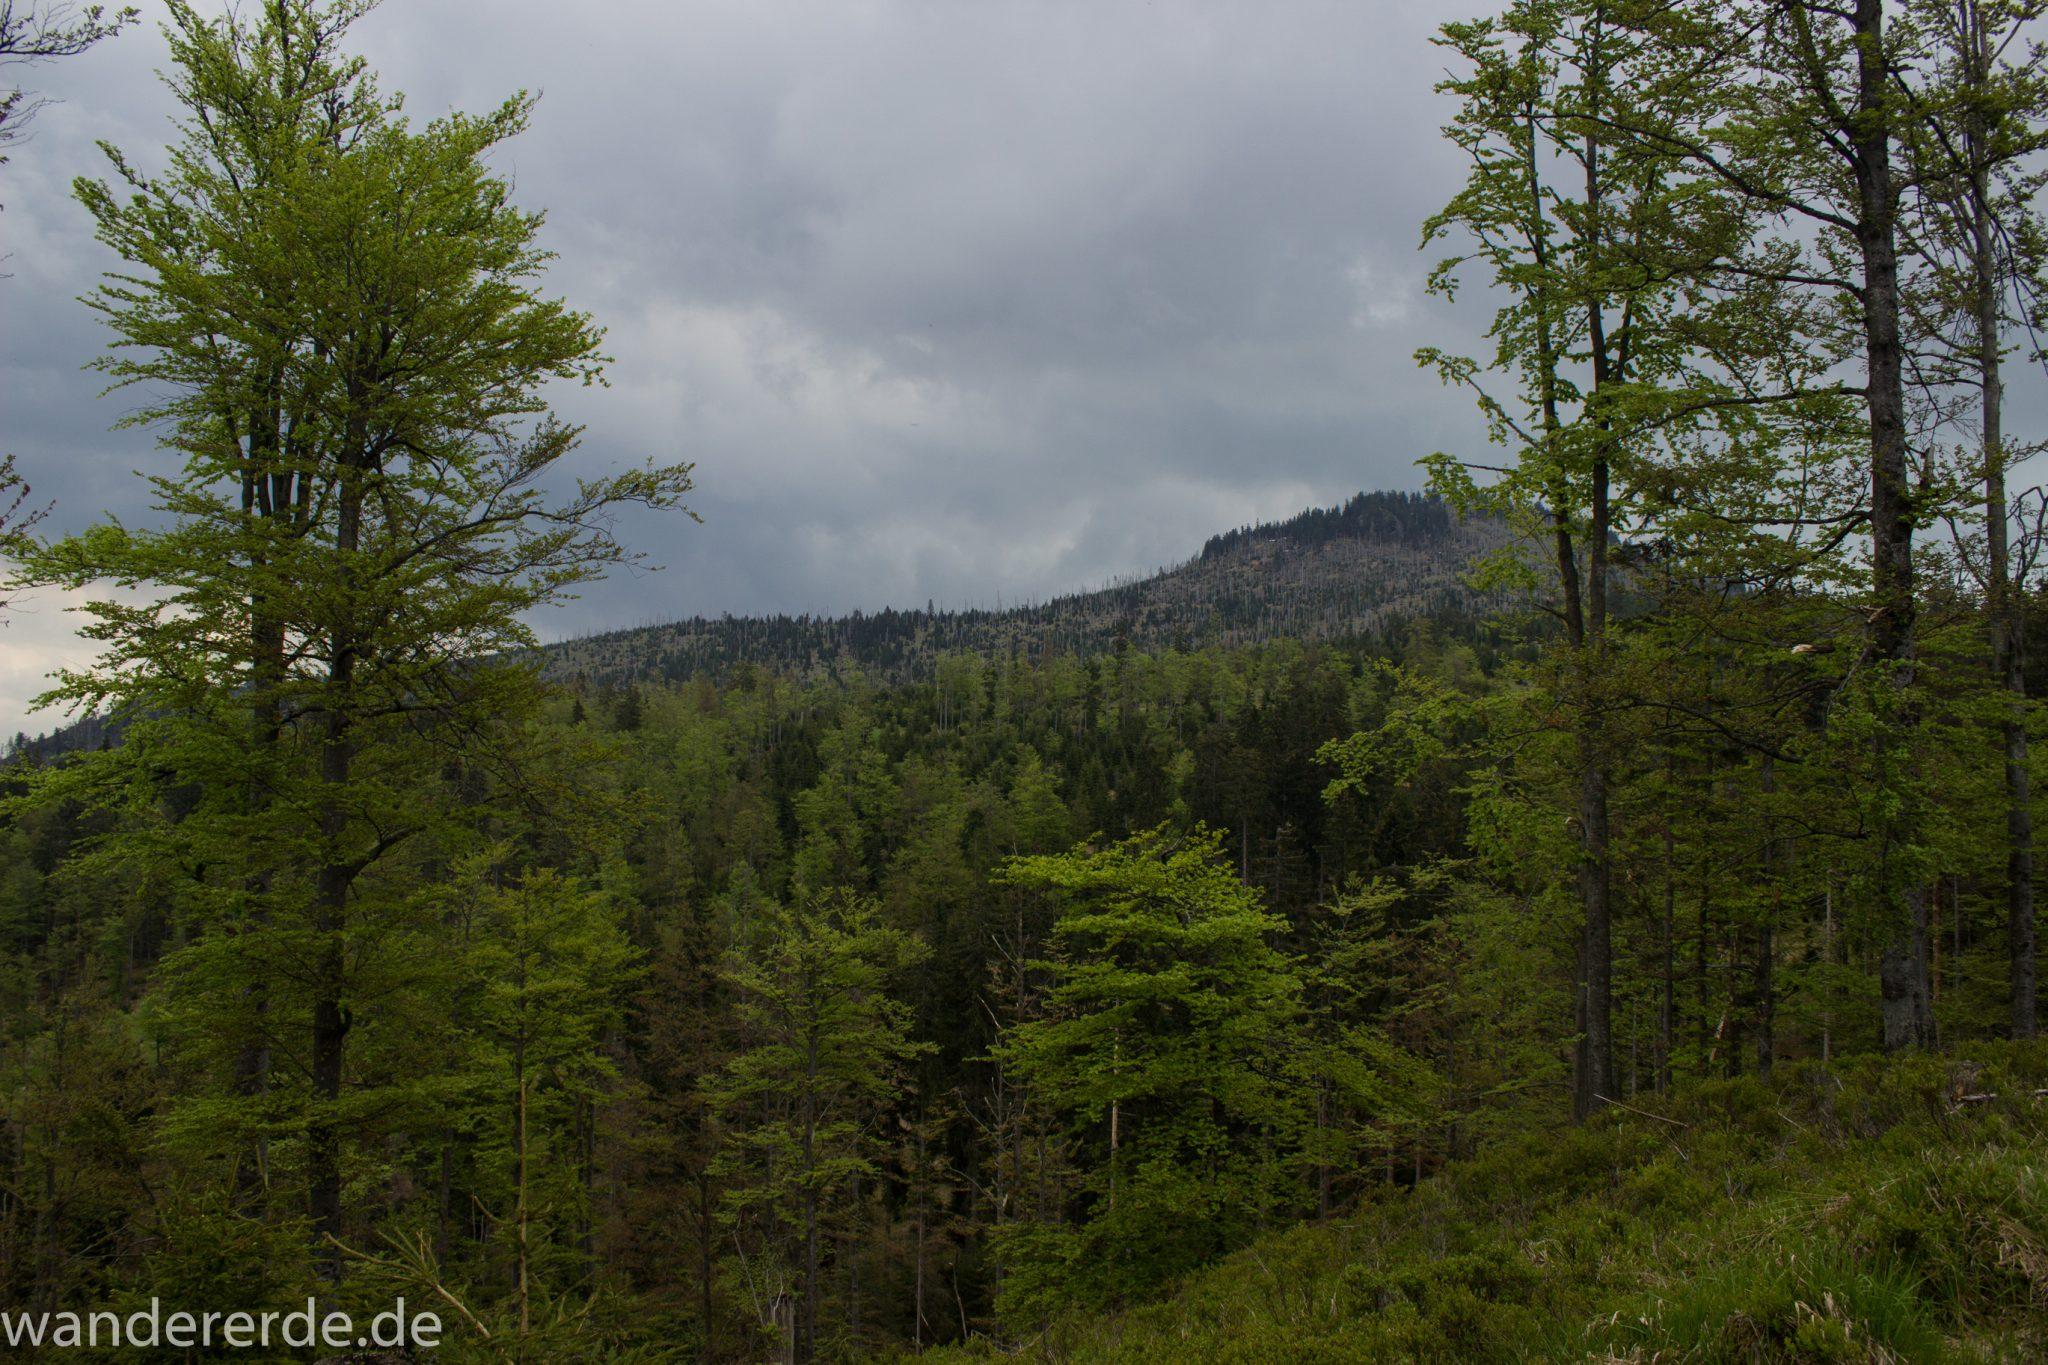 Wanderung Großer Rachel im Nationalpark Bayerischer Wald, Start Parkplatz Oberfrauenau, Aussicht auf riesiges Waldgebiet, schöner dichter Wald